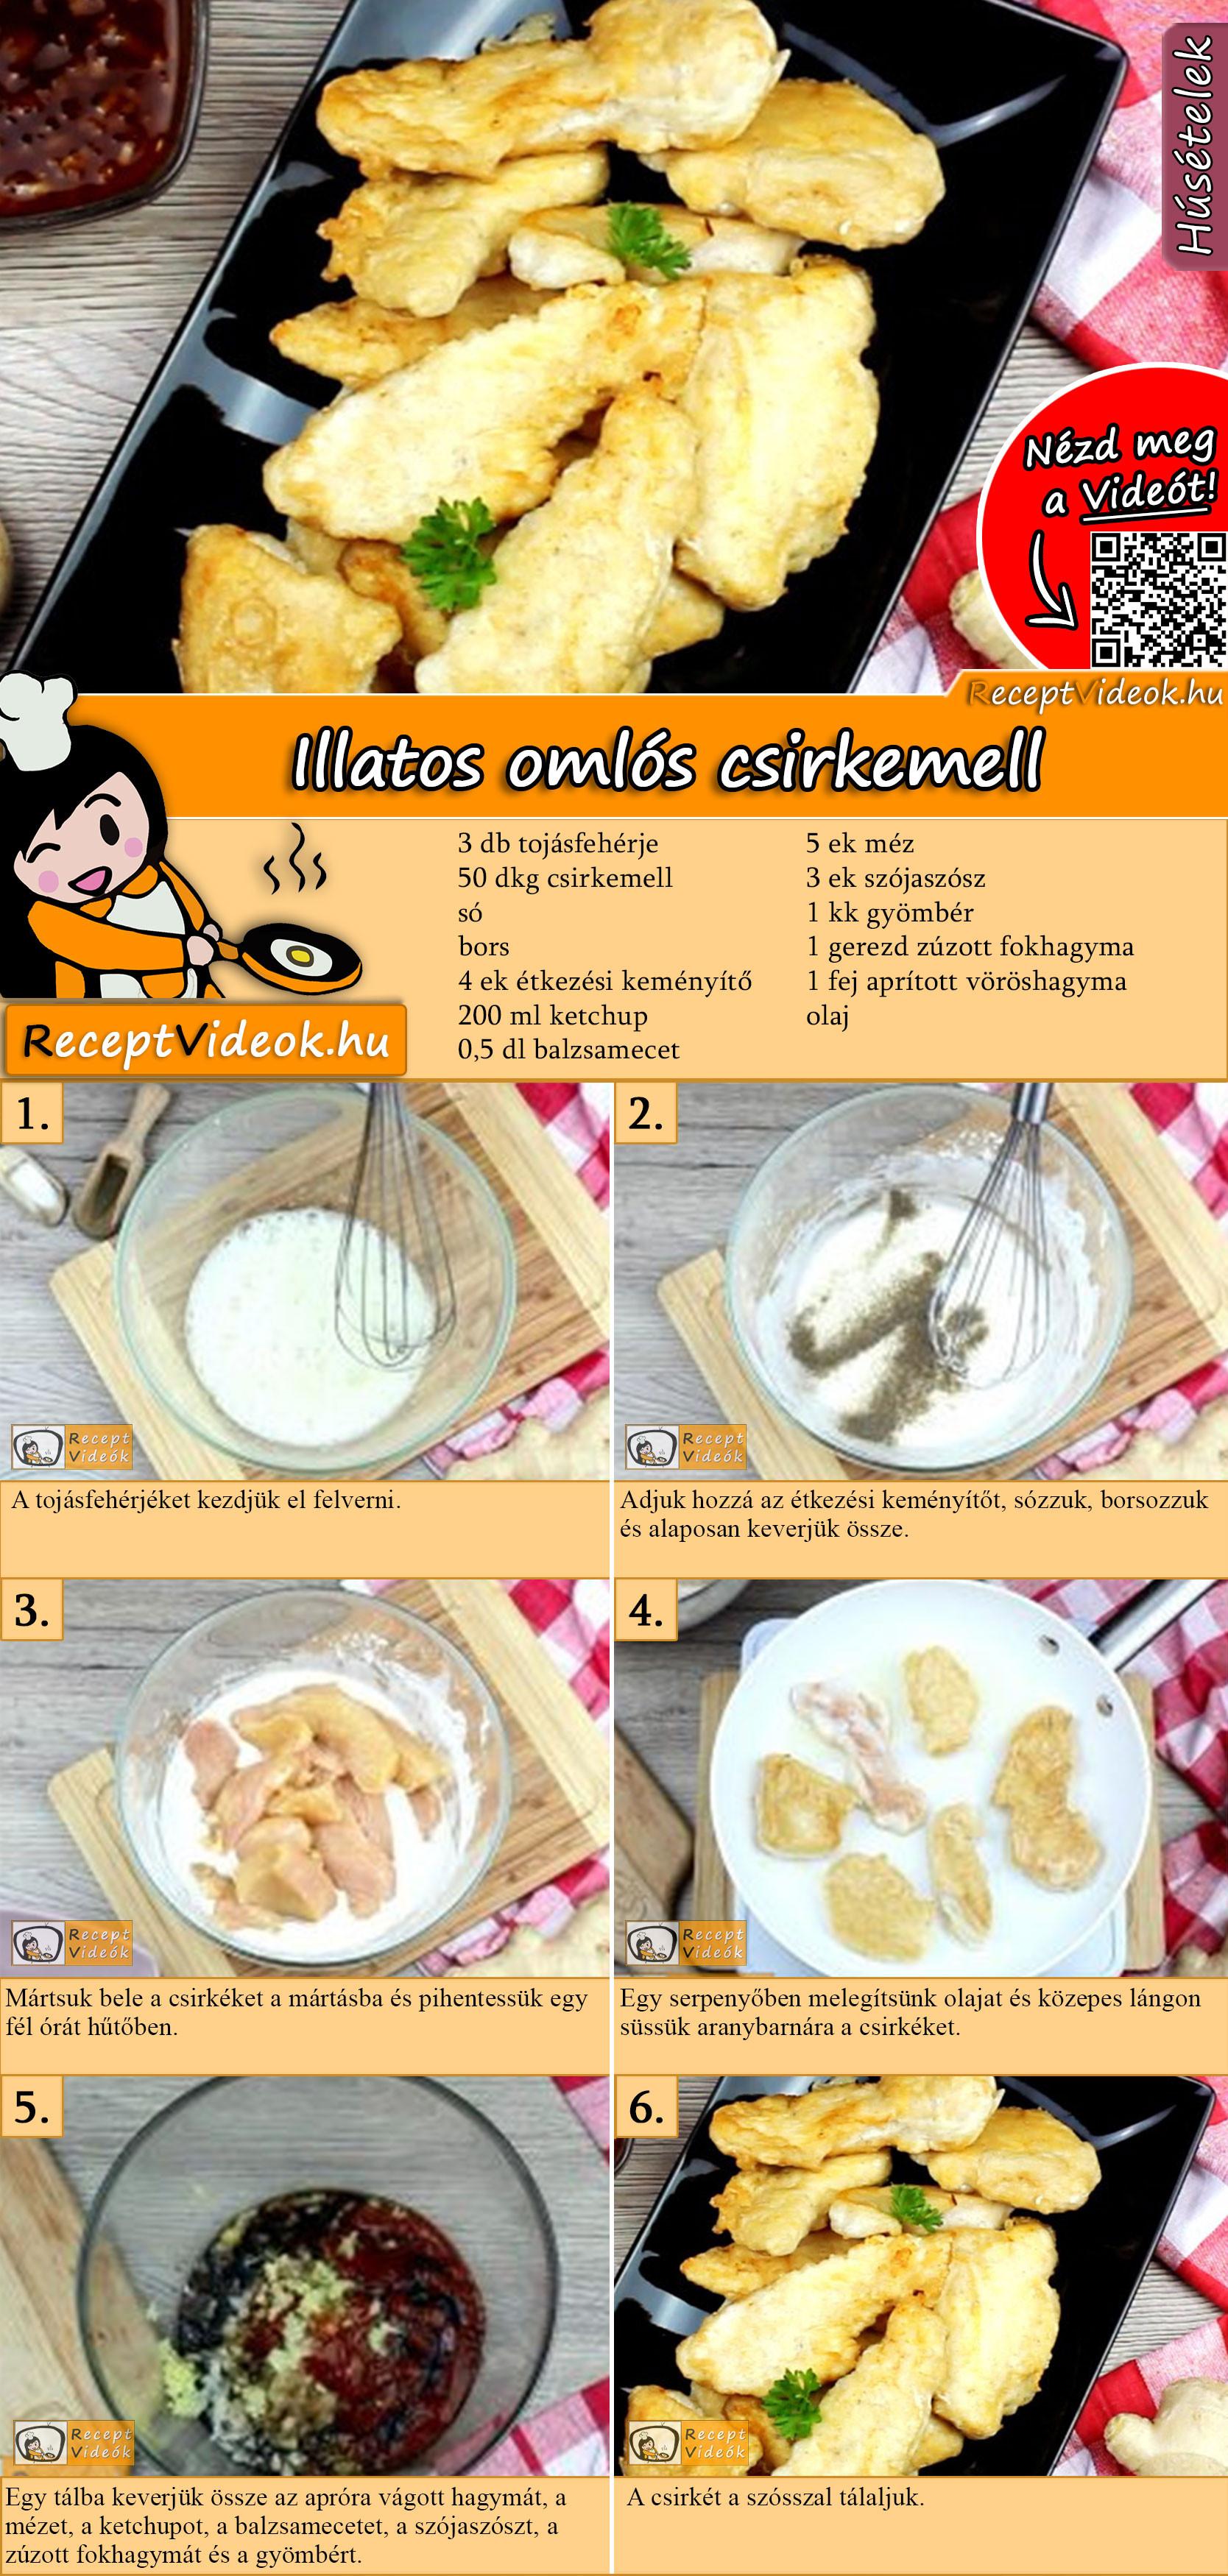 Illatos omlós csirkemell recept elkészítése videóval